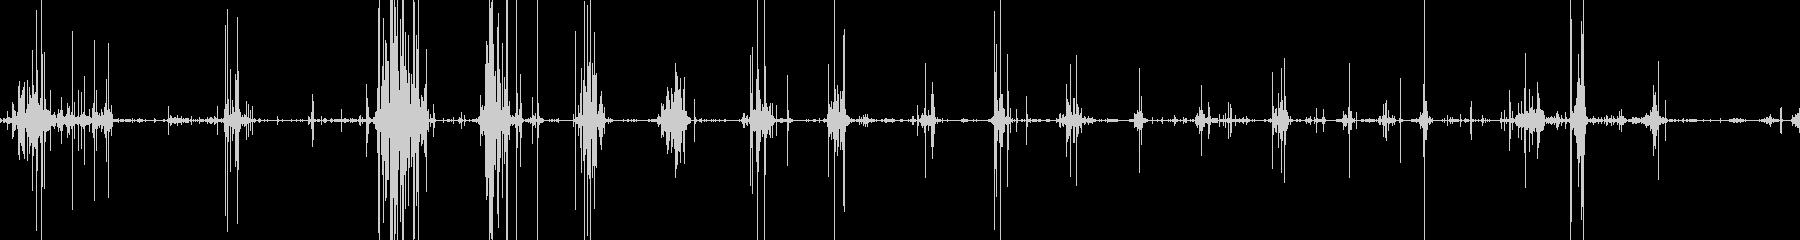 骨を食べるガリガリ、コリッという音の未再生の波形